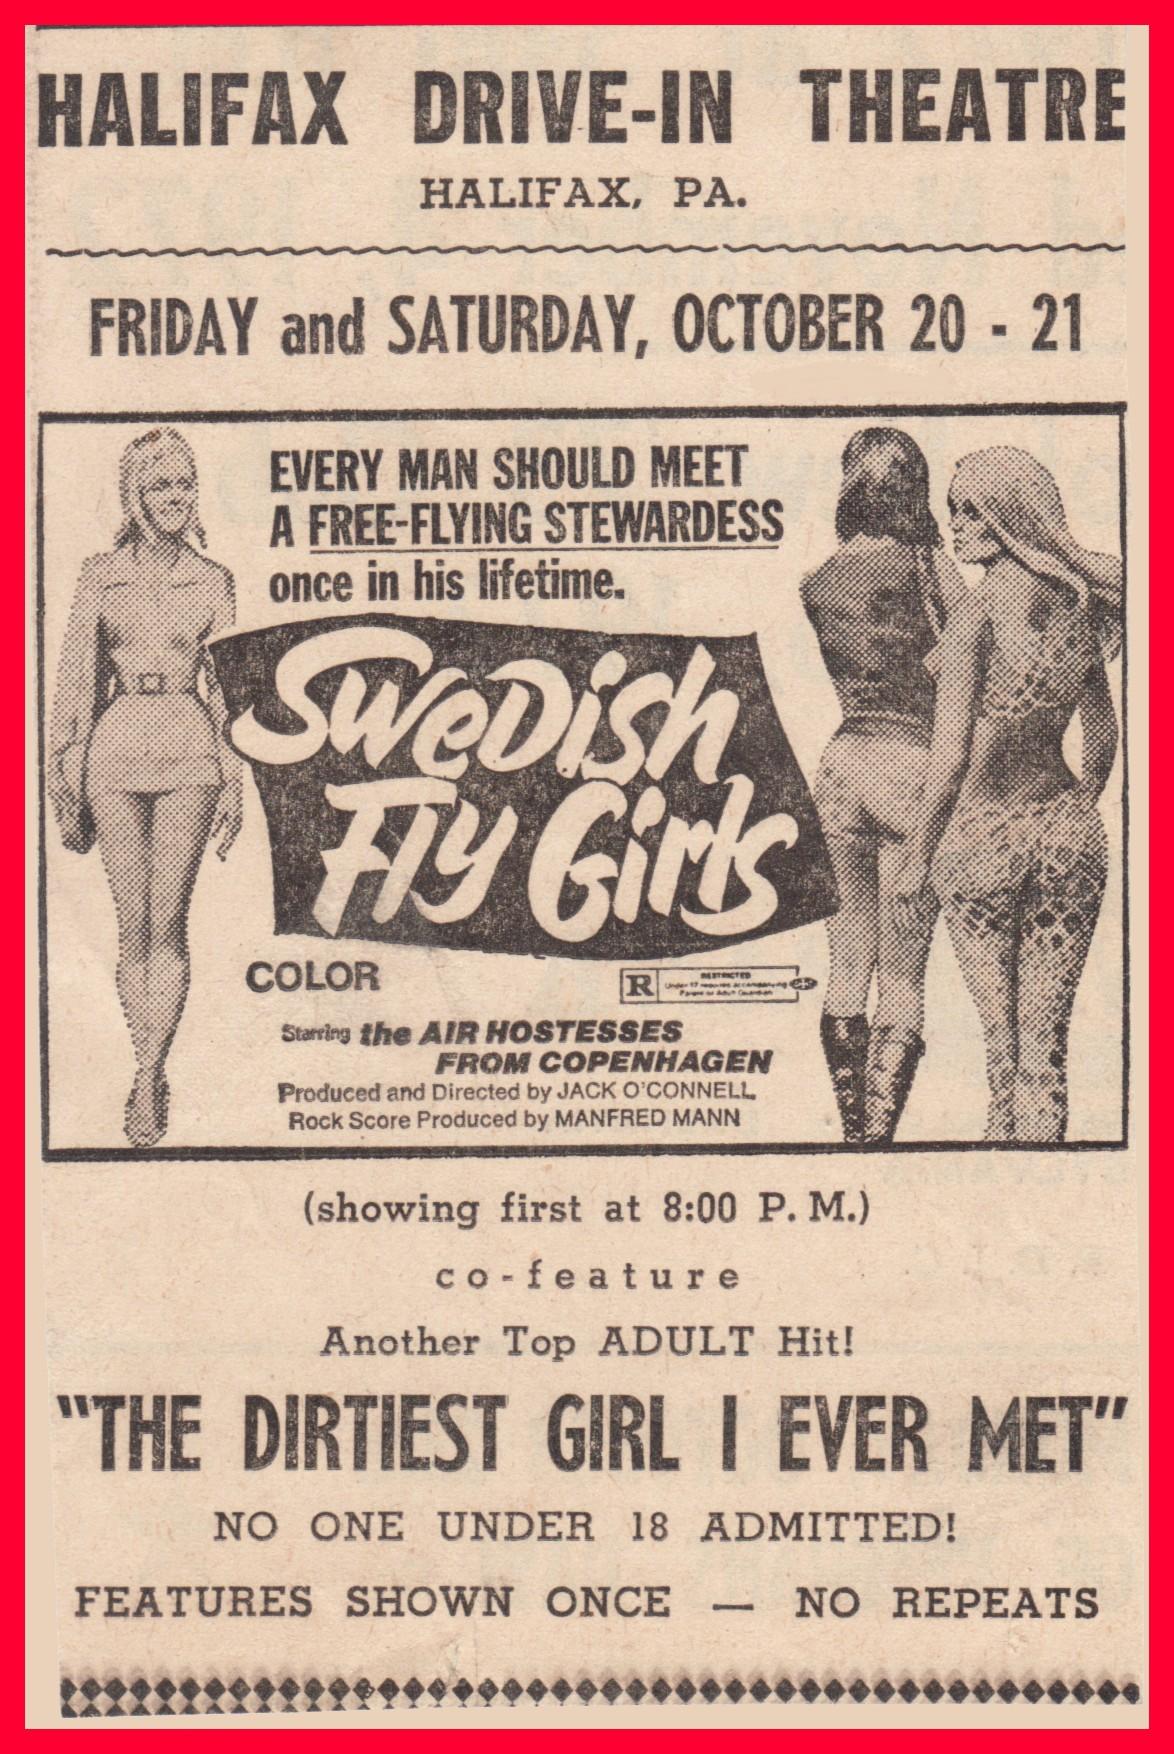 1972 Porn halifax – drive-in porn theatre, 1972 (1) – lykens valley